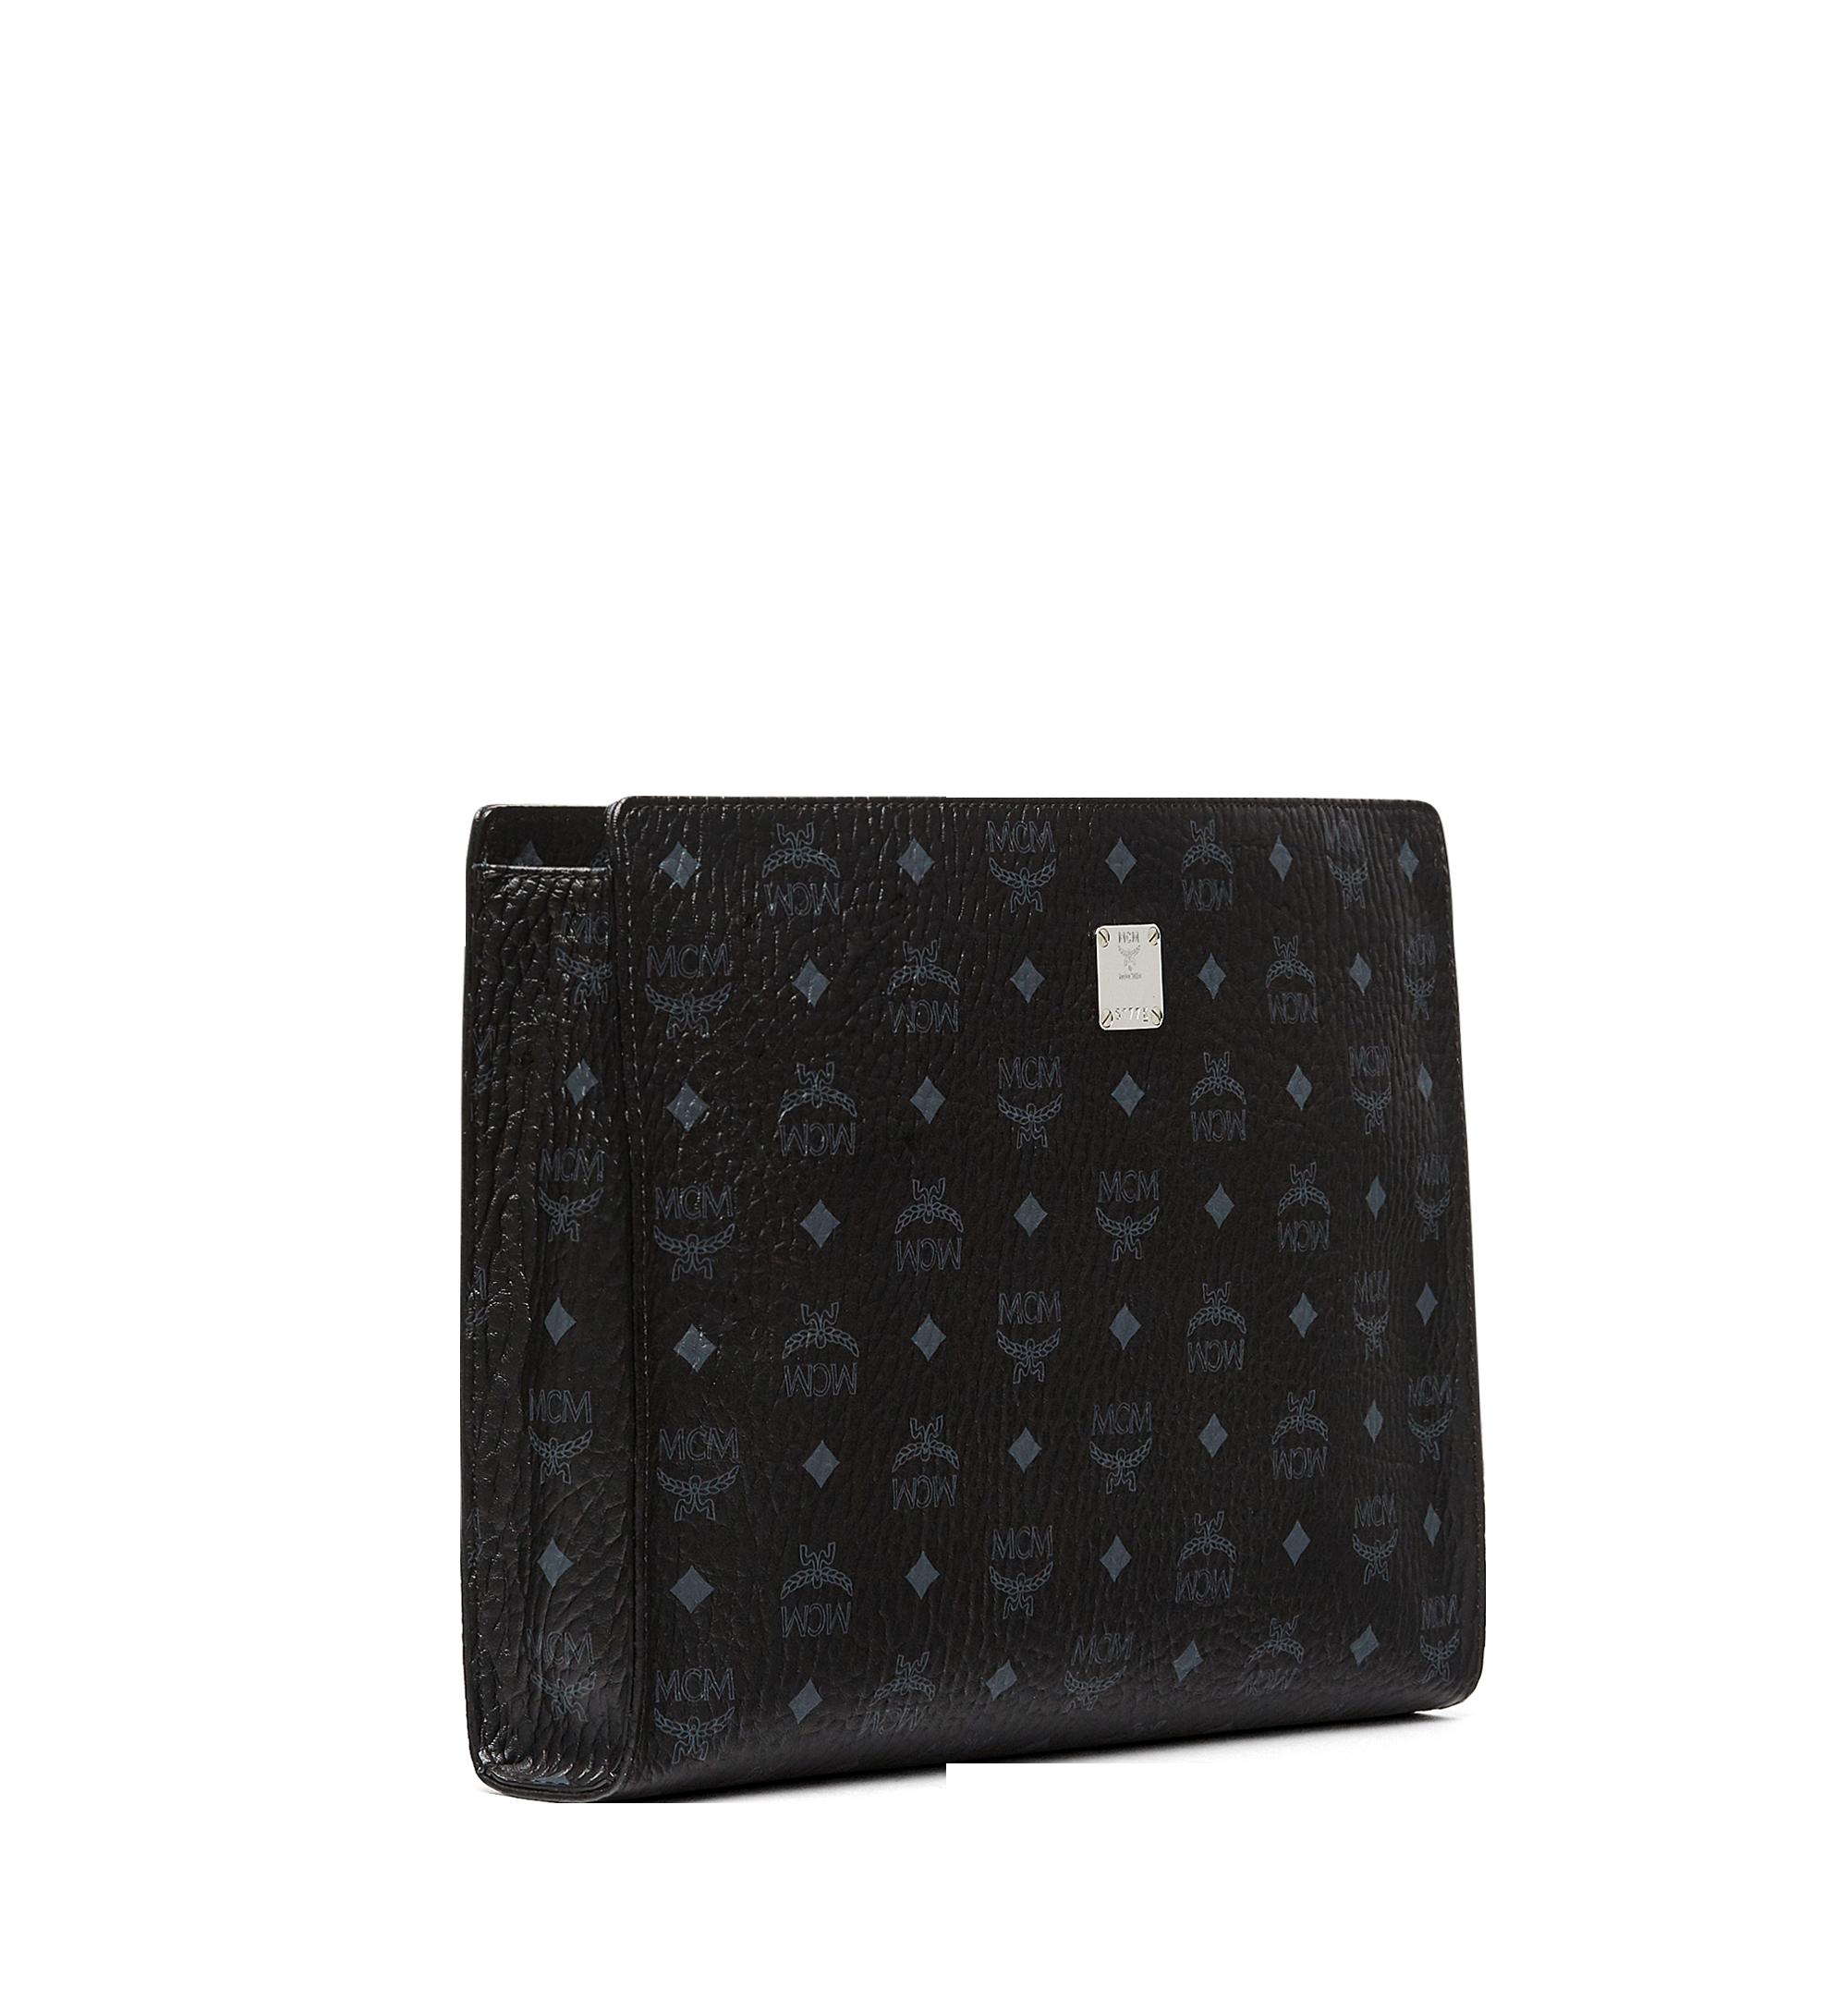 MCM Tasche mit Reissverschluss in Visetos Original Black MXZ8SVI71BK001 Noch mehr sehen 1